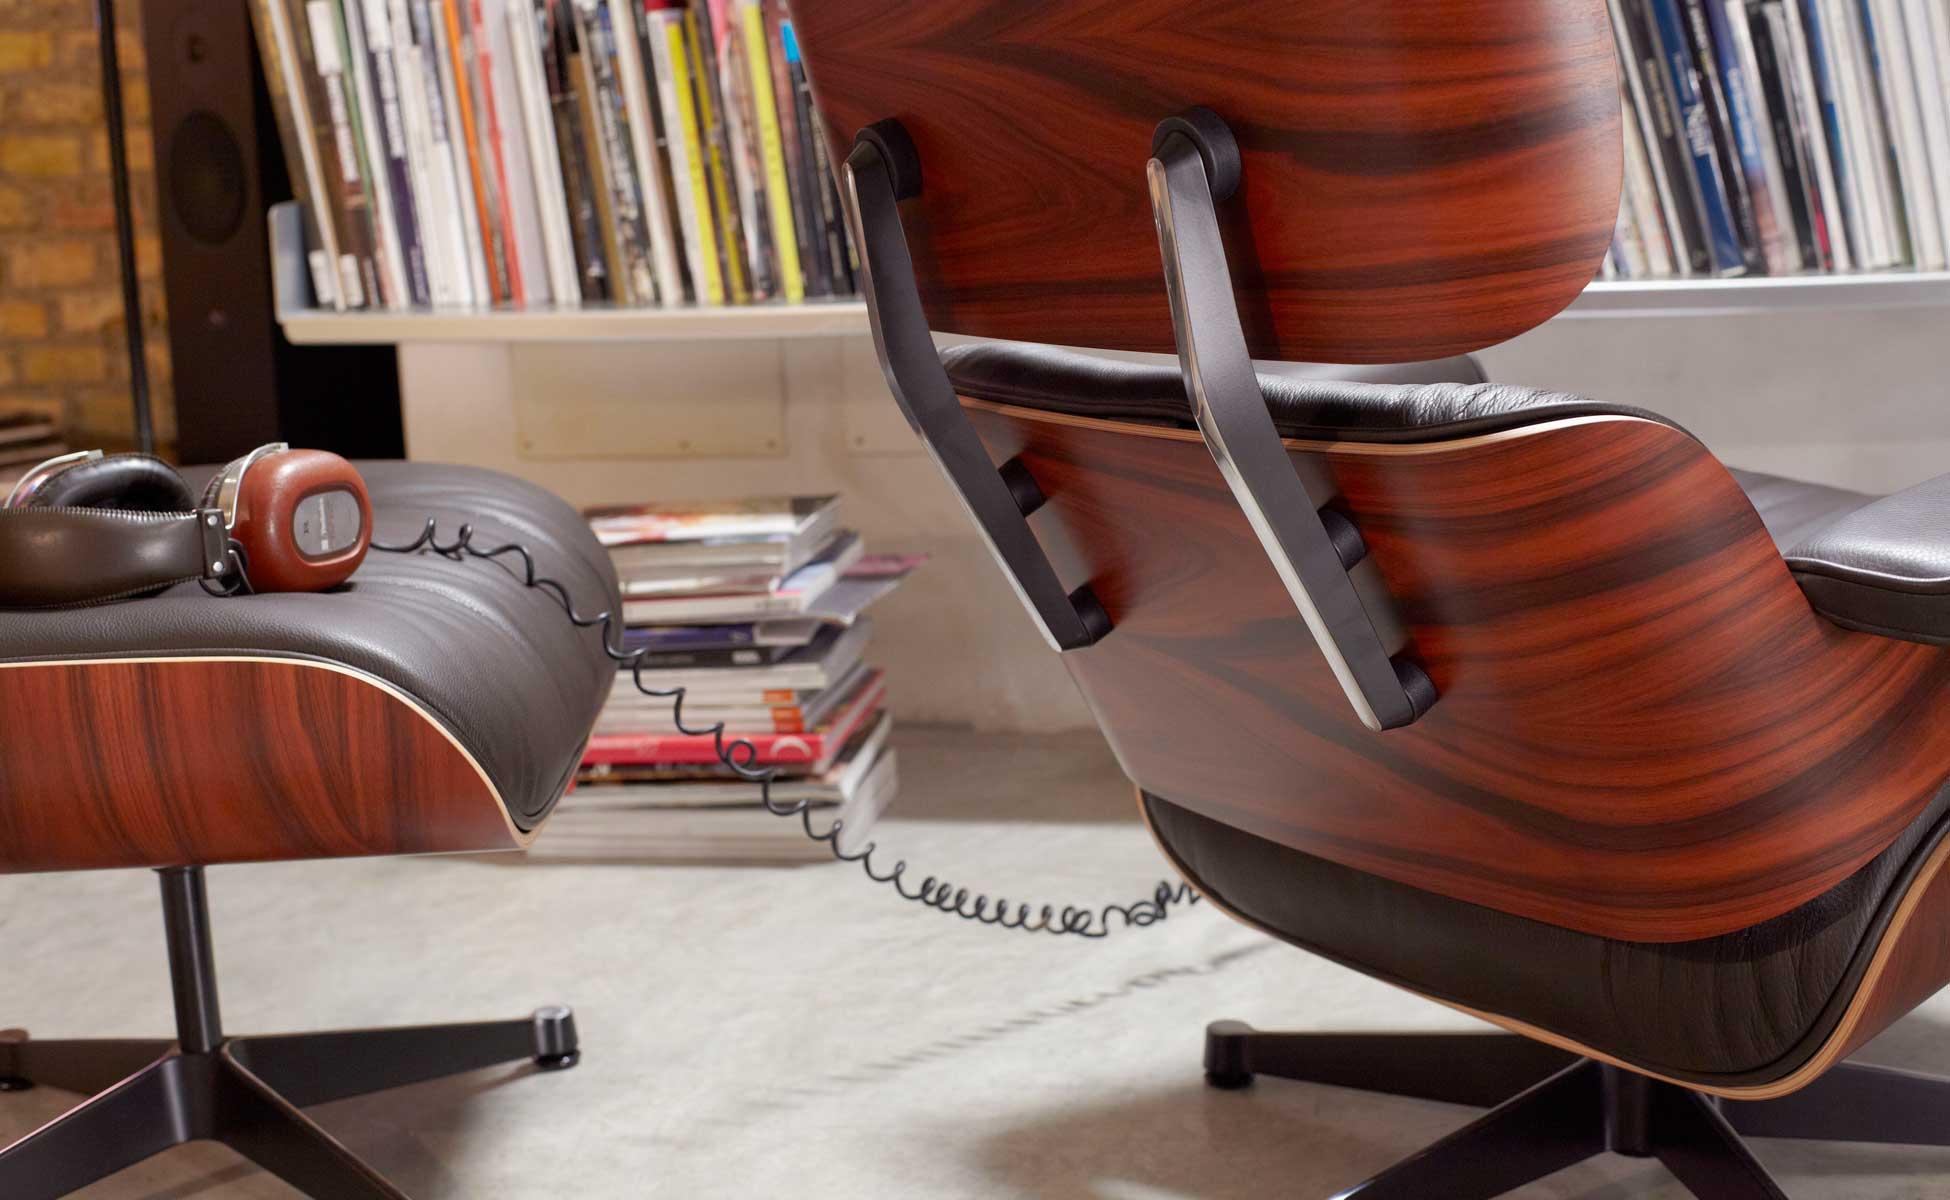 06 vitra eames lounge chair in berlin by steidten+